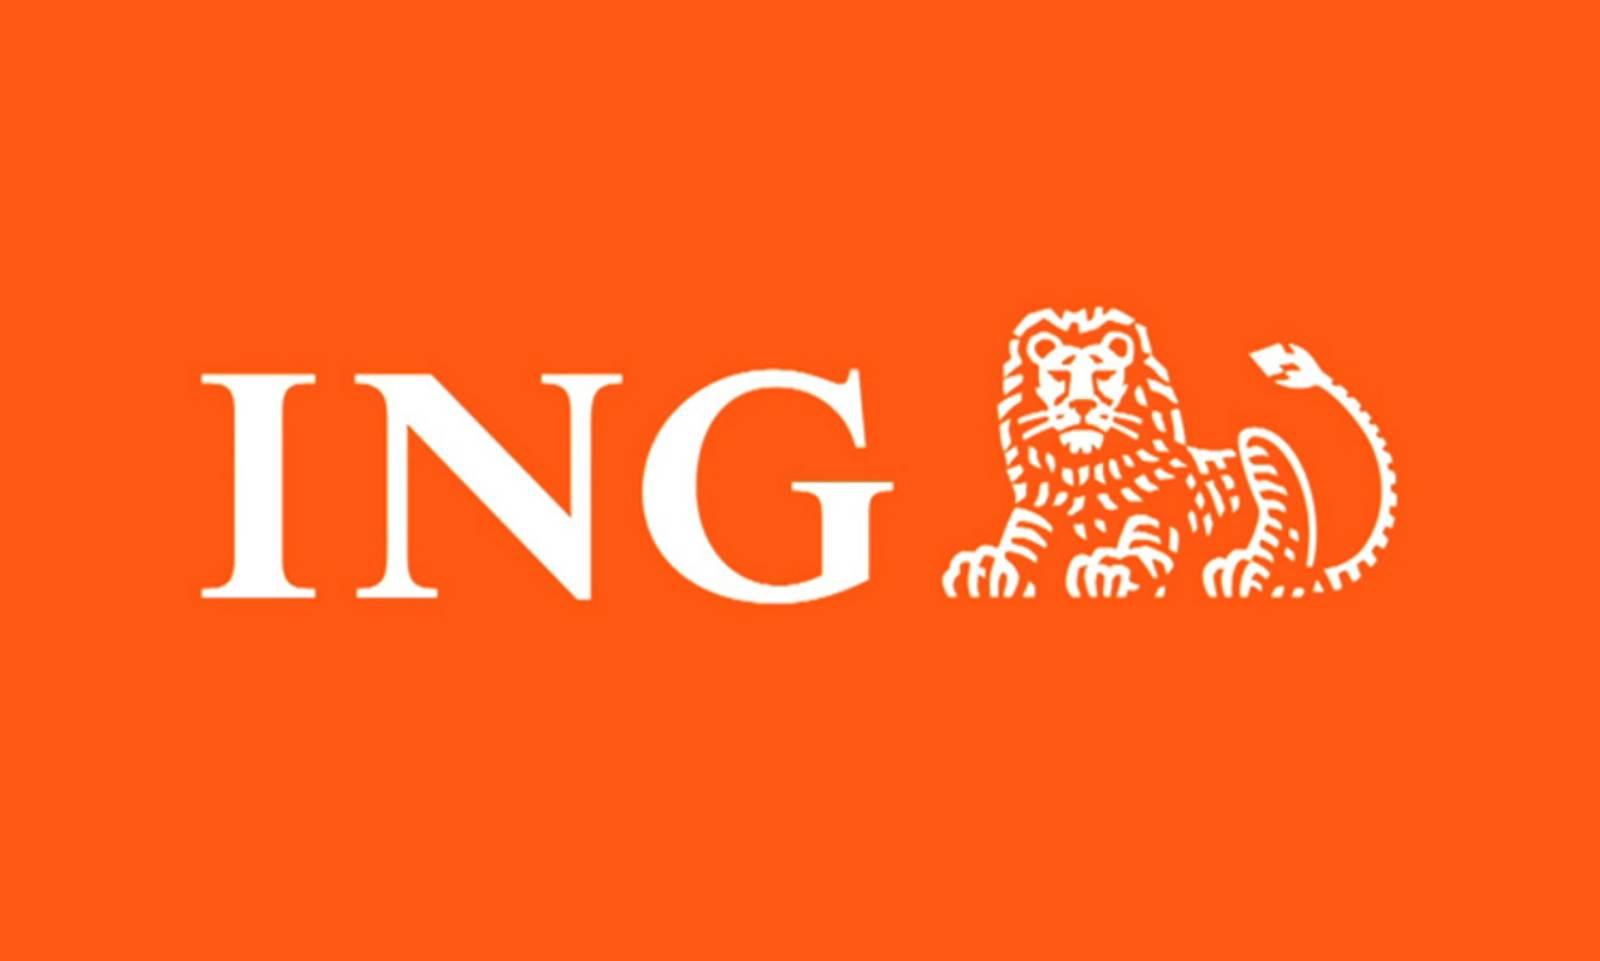 ING Bank PROBLEME